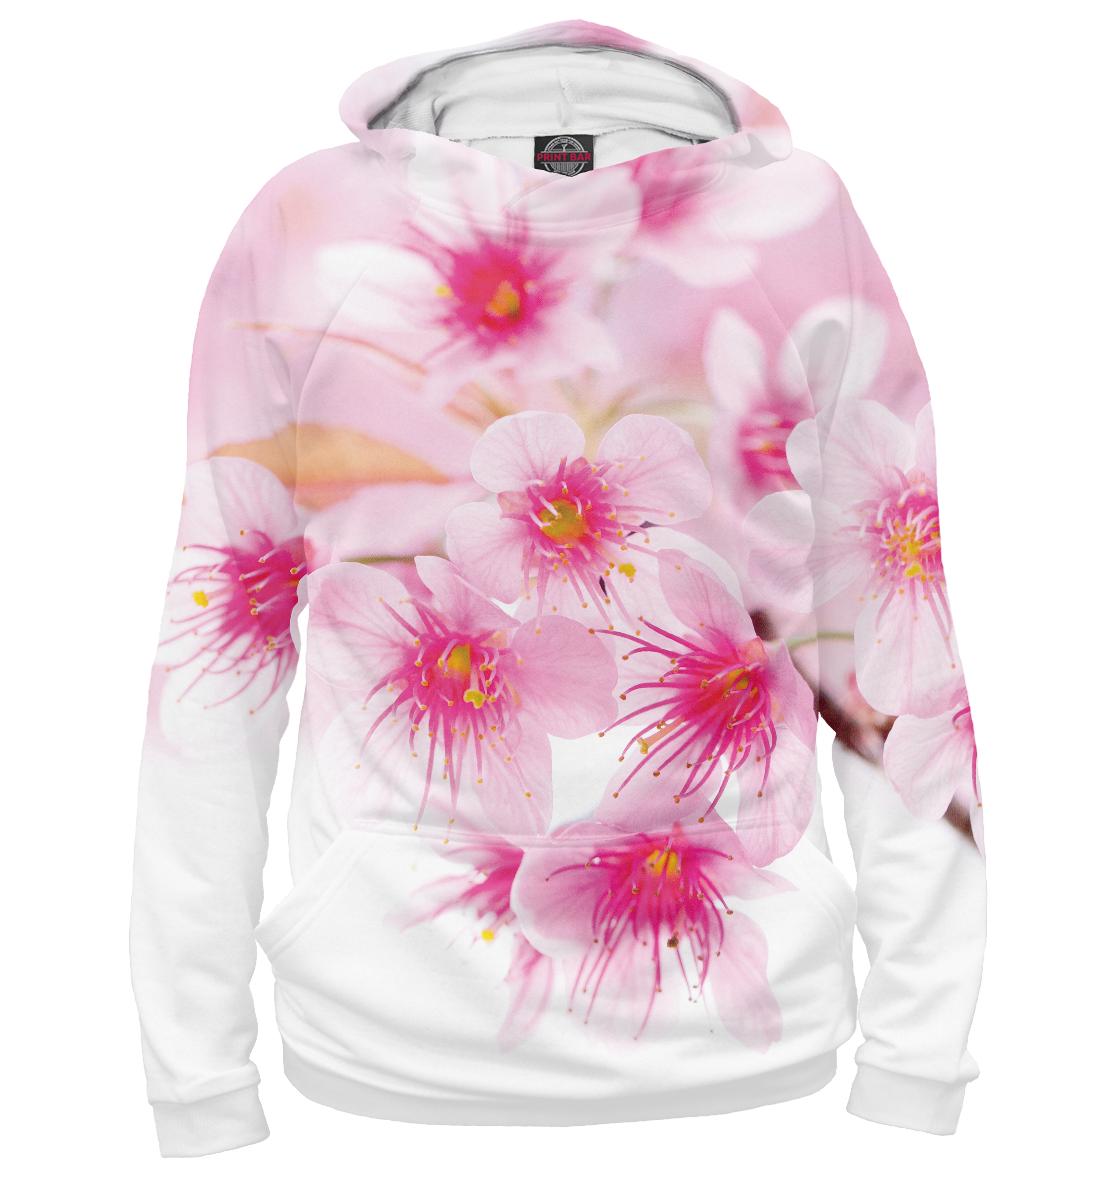 Купить Вишнёвый цвет, Printbar, Худи, CVE-219744-hud-2